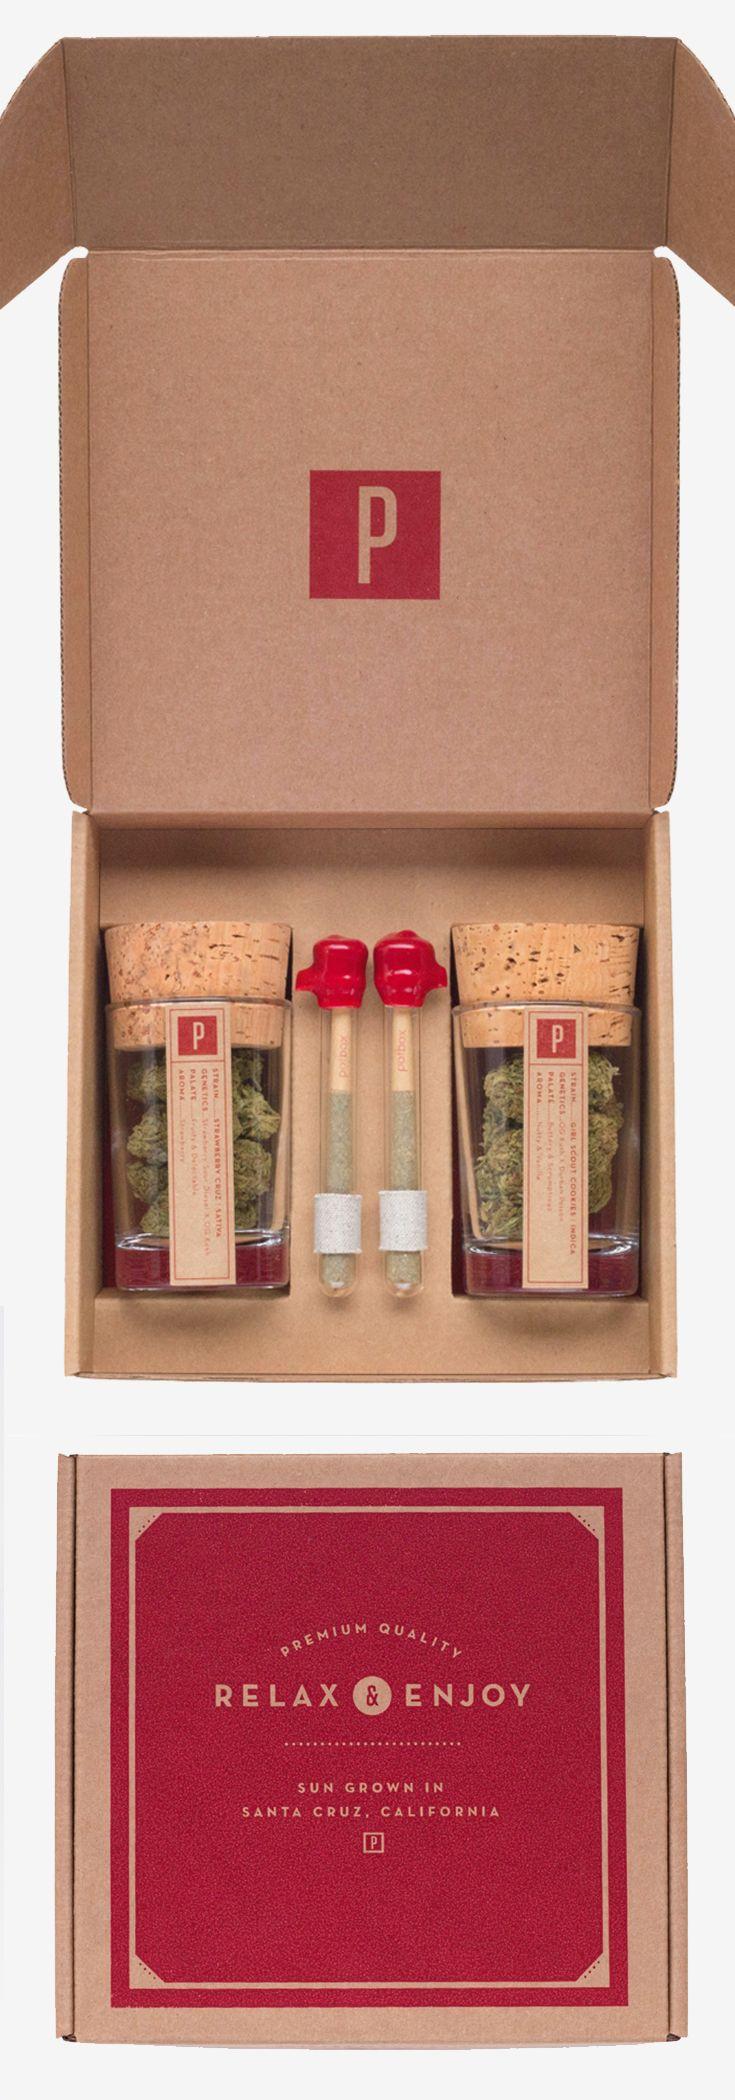 A Premium Cannabis Subscription Club: Potbox http://ptbx.co/qc #mmj #cannabis…